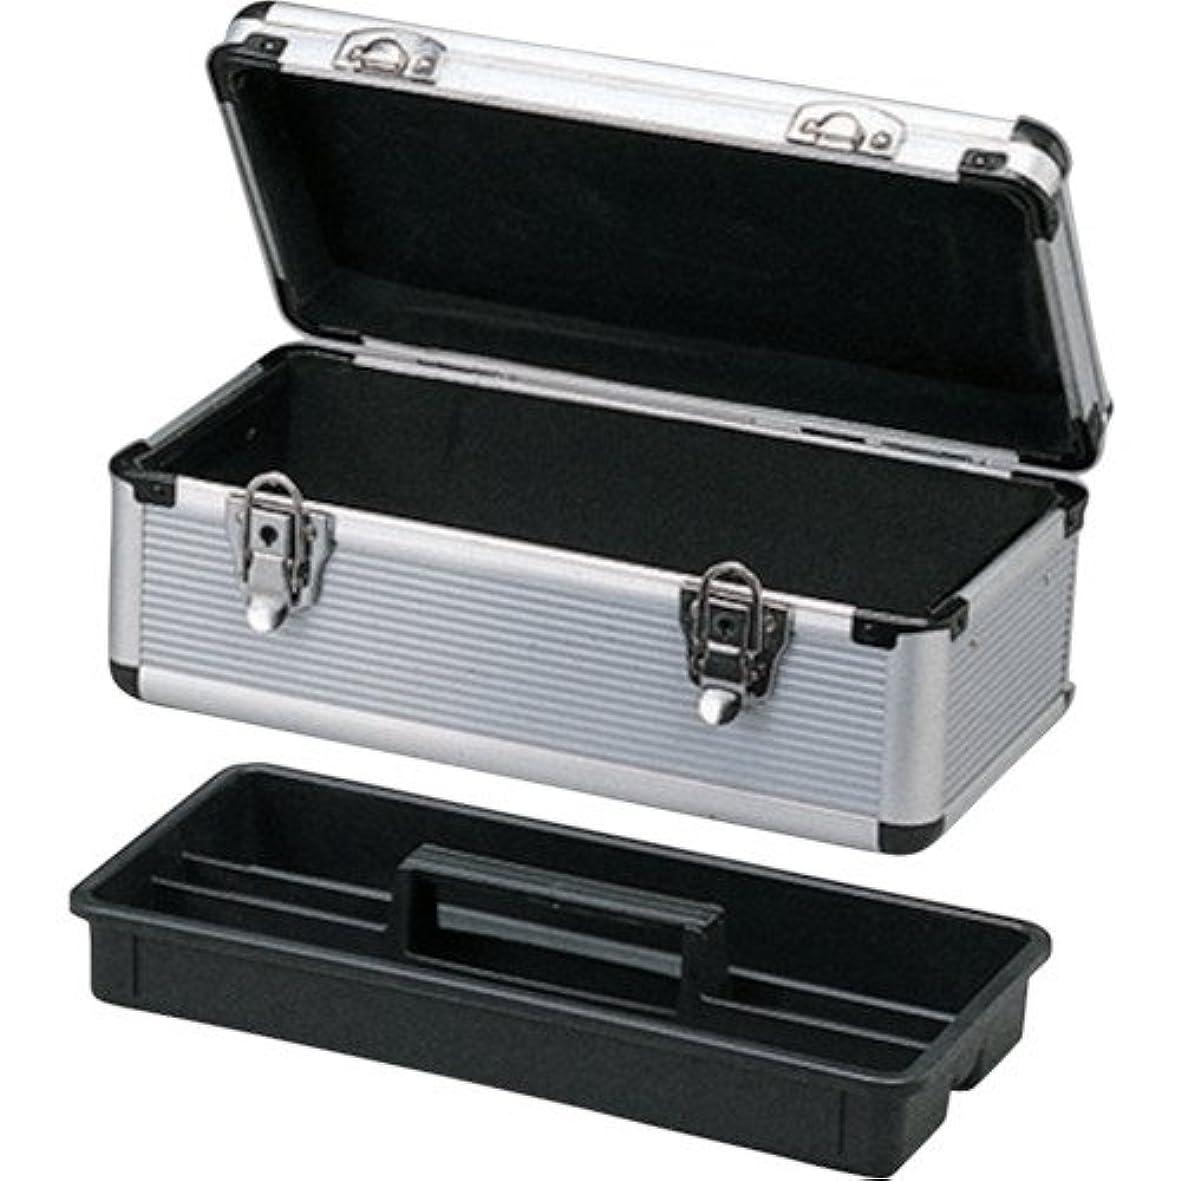 範囲主に自体アイリスオーヤマ アルミケース 工具収納ケース 工具箱 W約44×D約23.5×H約22cm AM-45T